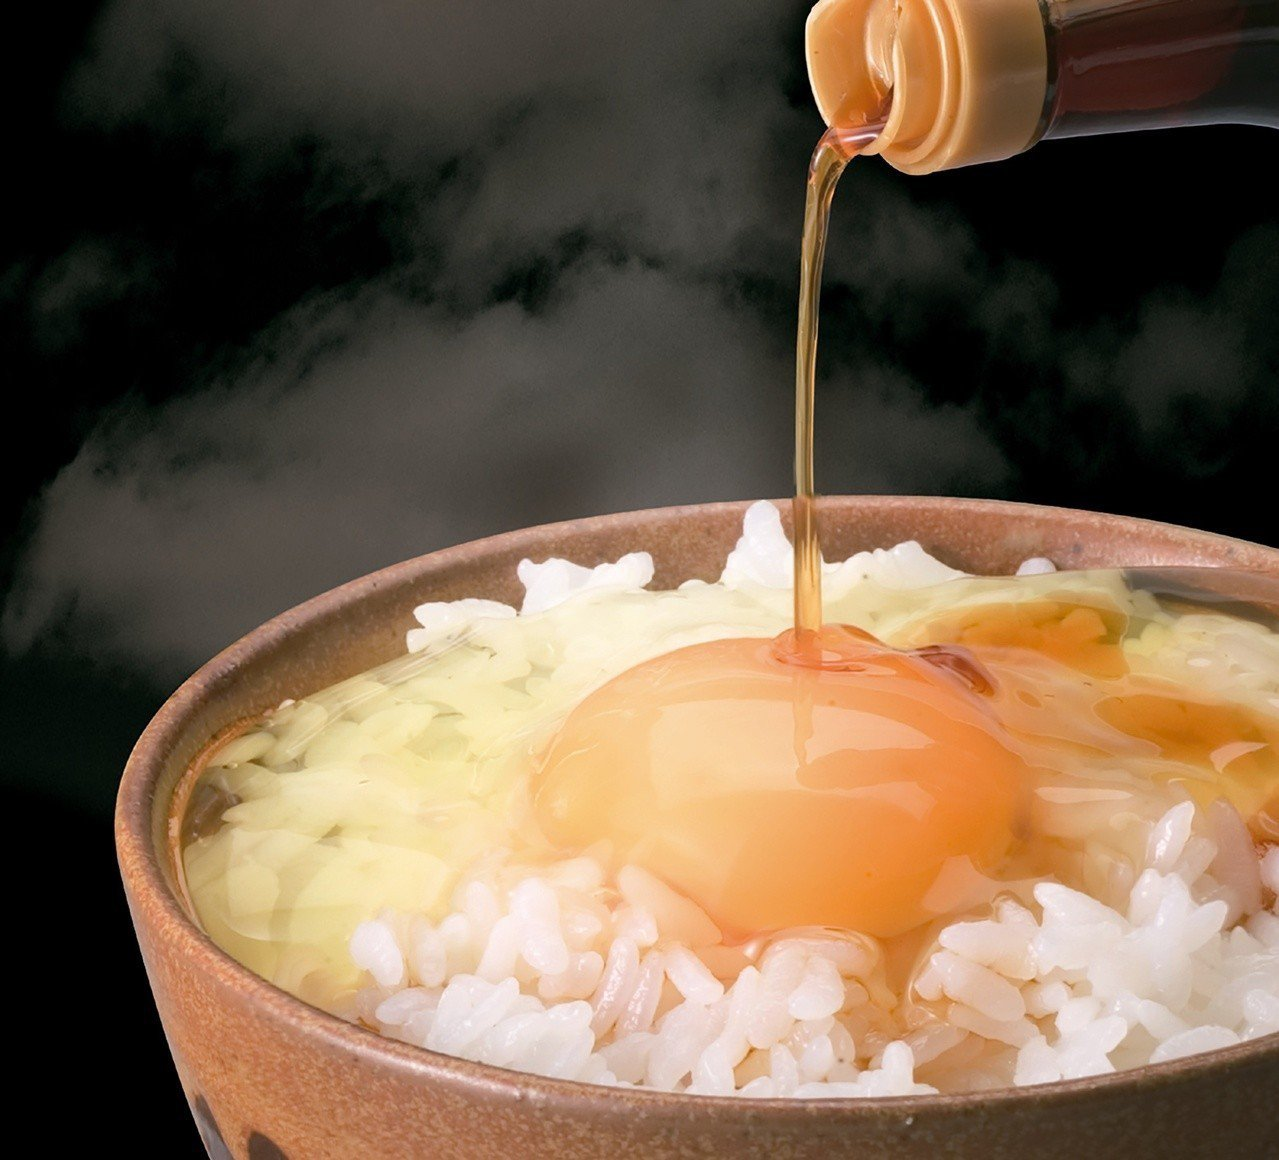 在白飯上打一個生雞蛋,淋上特製醬油拌吃就是道地的日式早餐。圖/業者提供